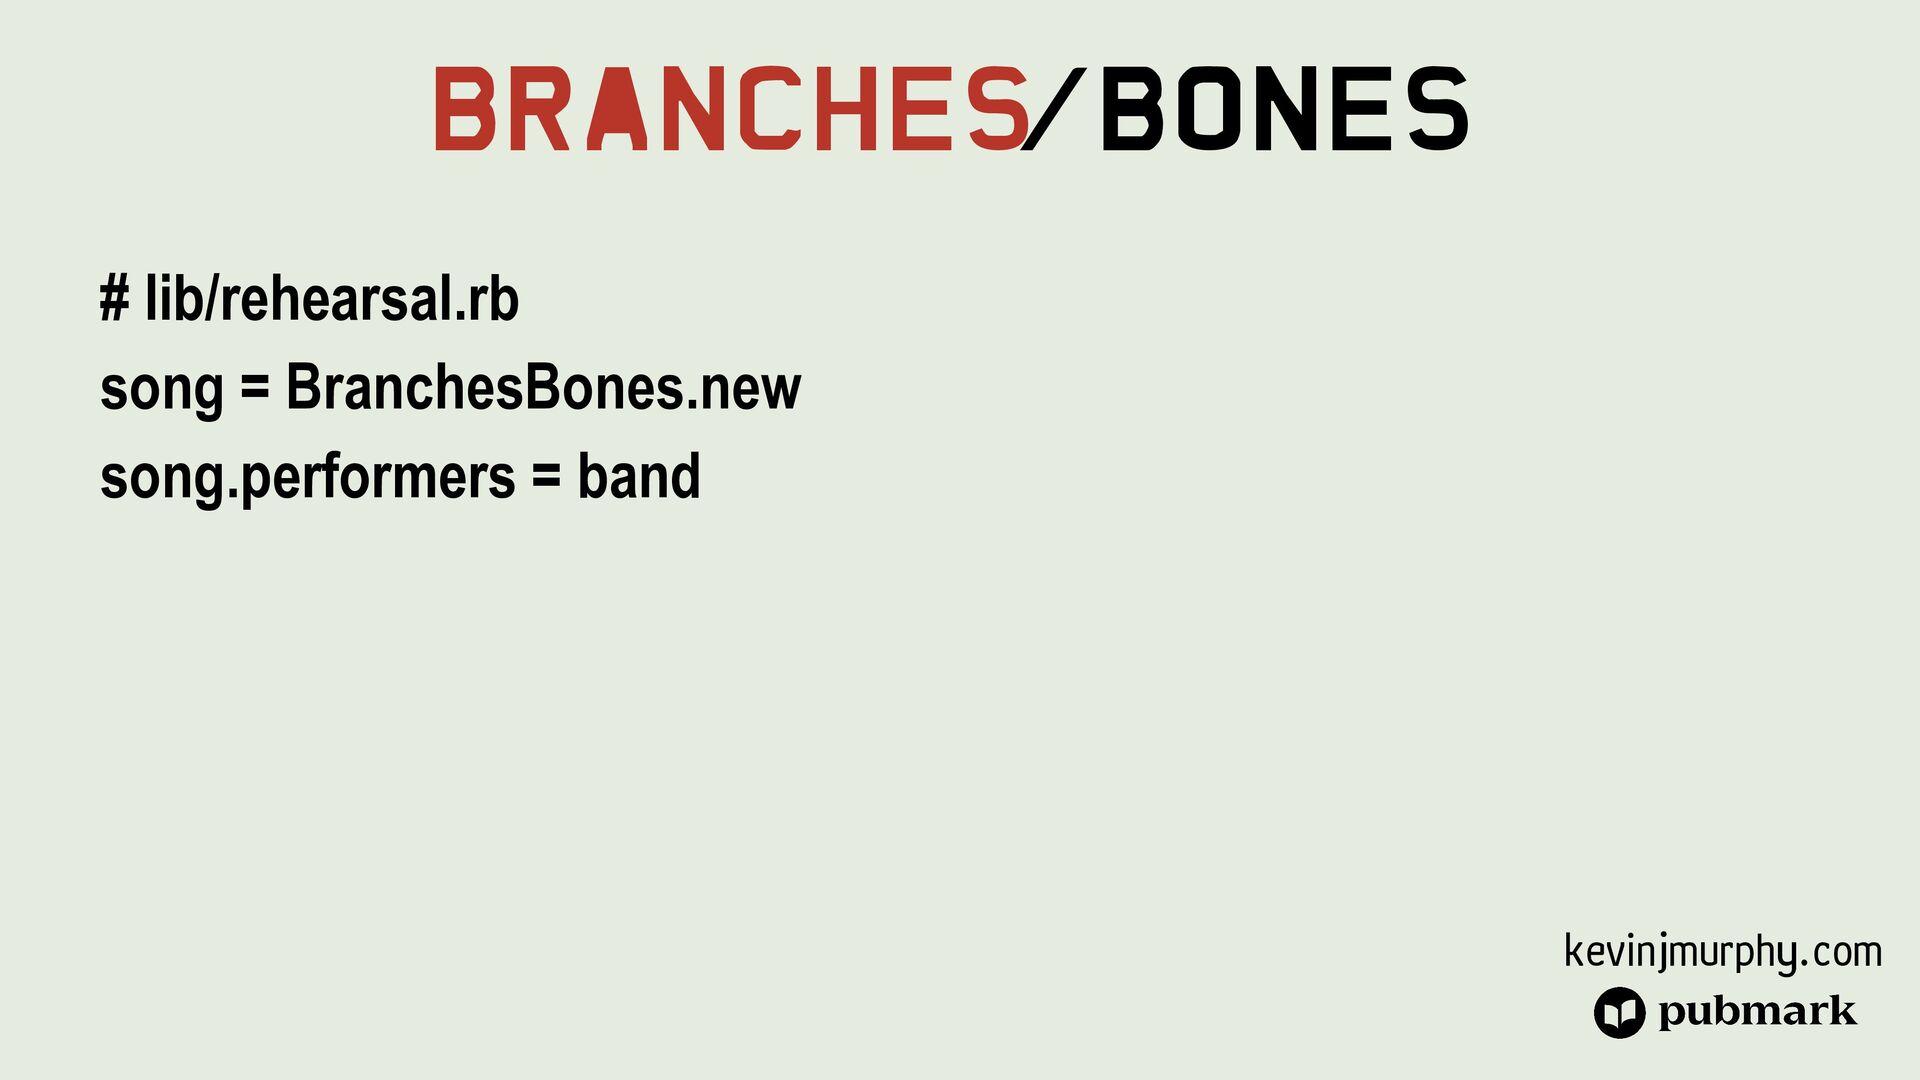 @kevin_j_m Branches/Bones # lib/rehearsal.rb so...